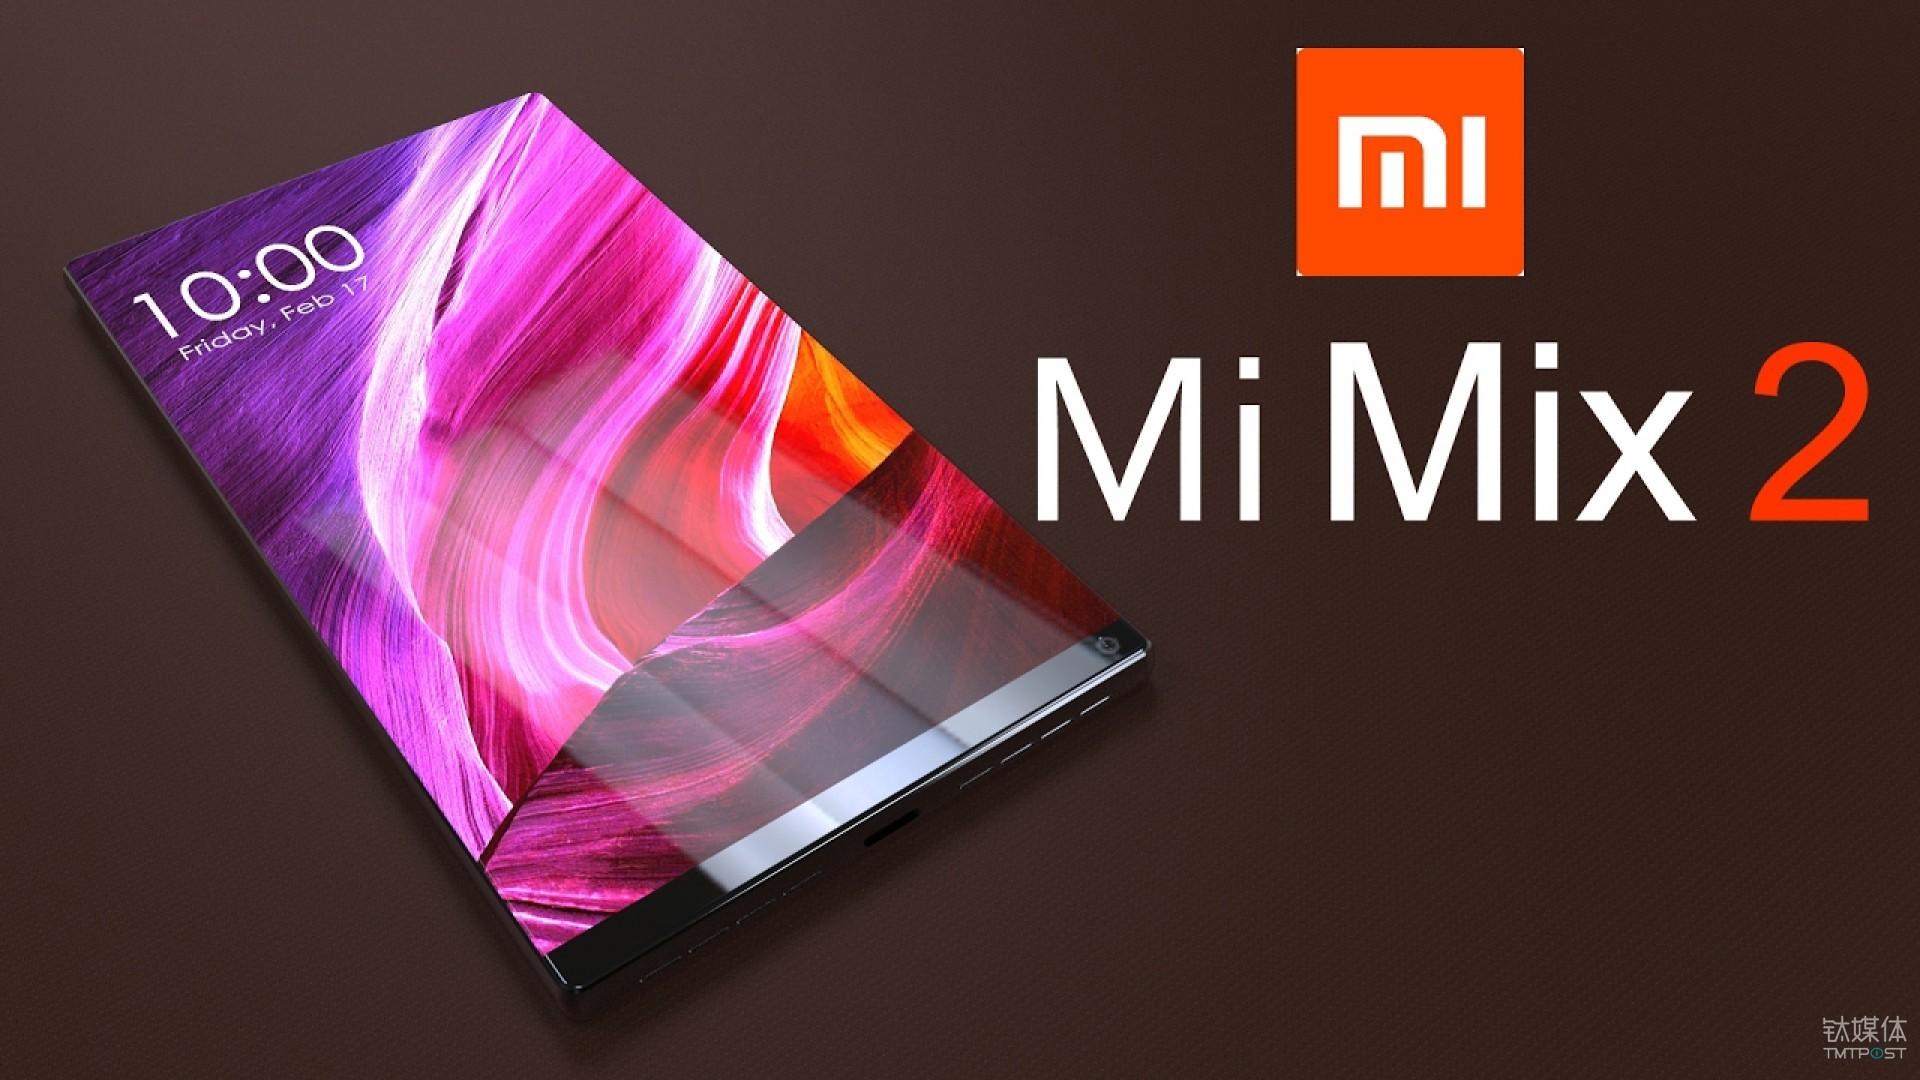 摄像头依然位于下方的小米 MIX2